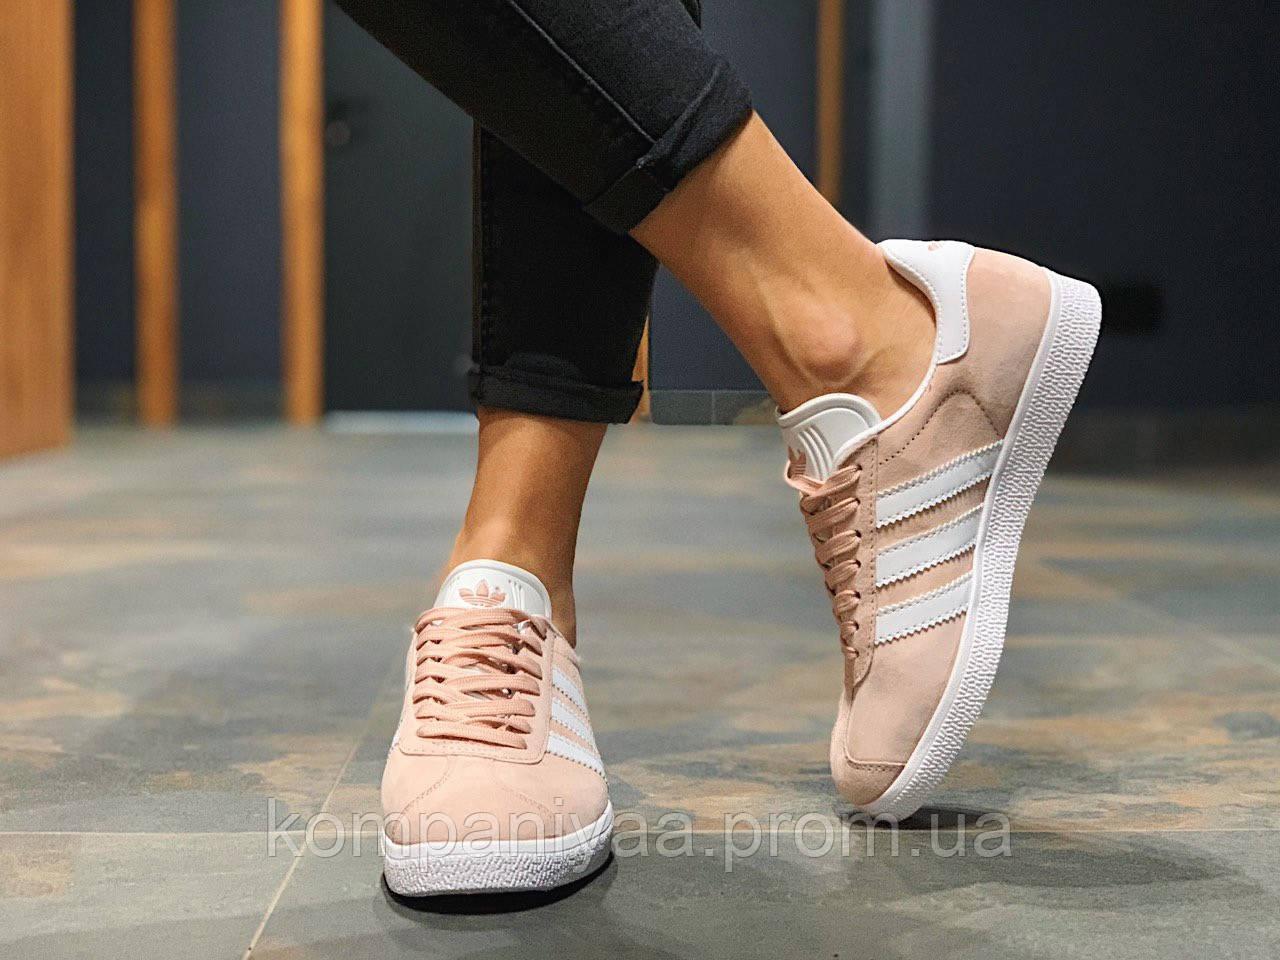 Кроссовки женские Adidas Gazelle замшевые персиковые спортивные